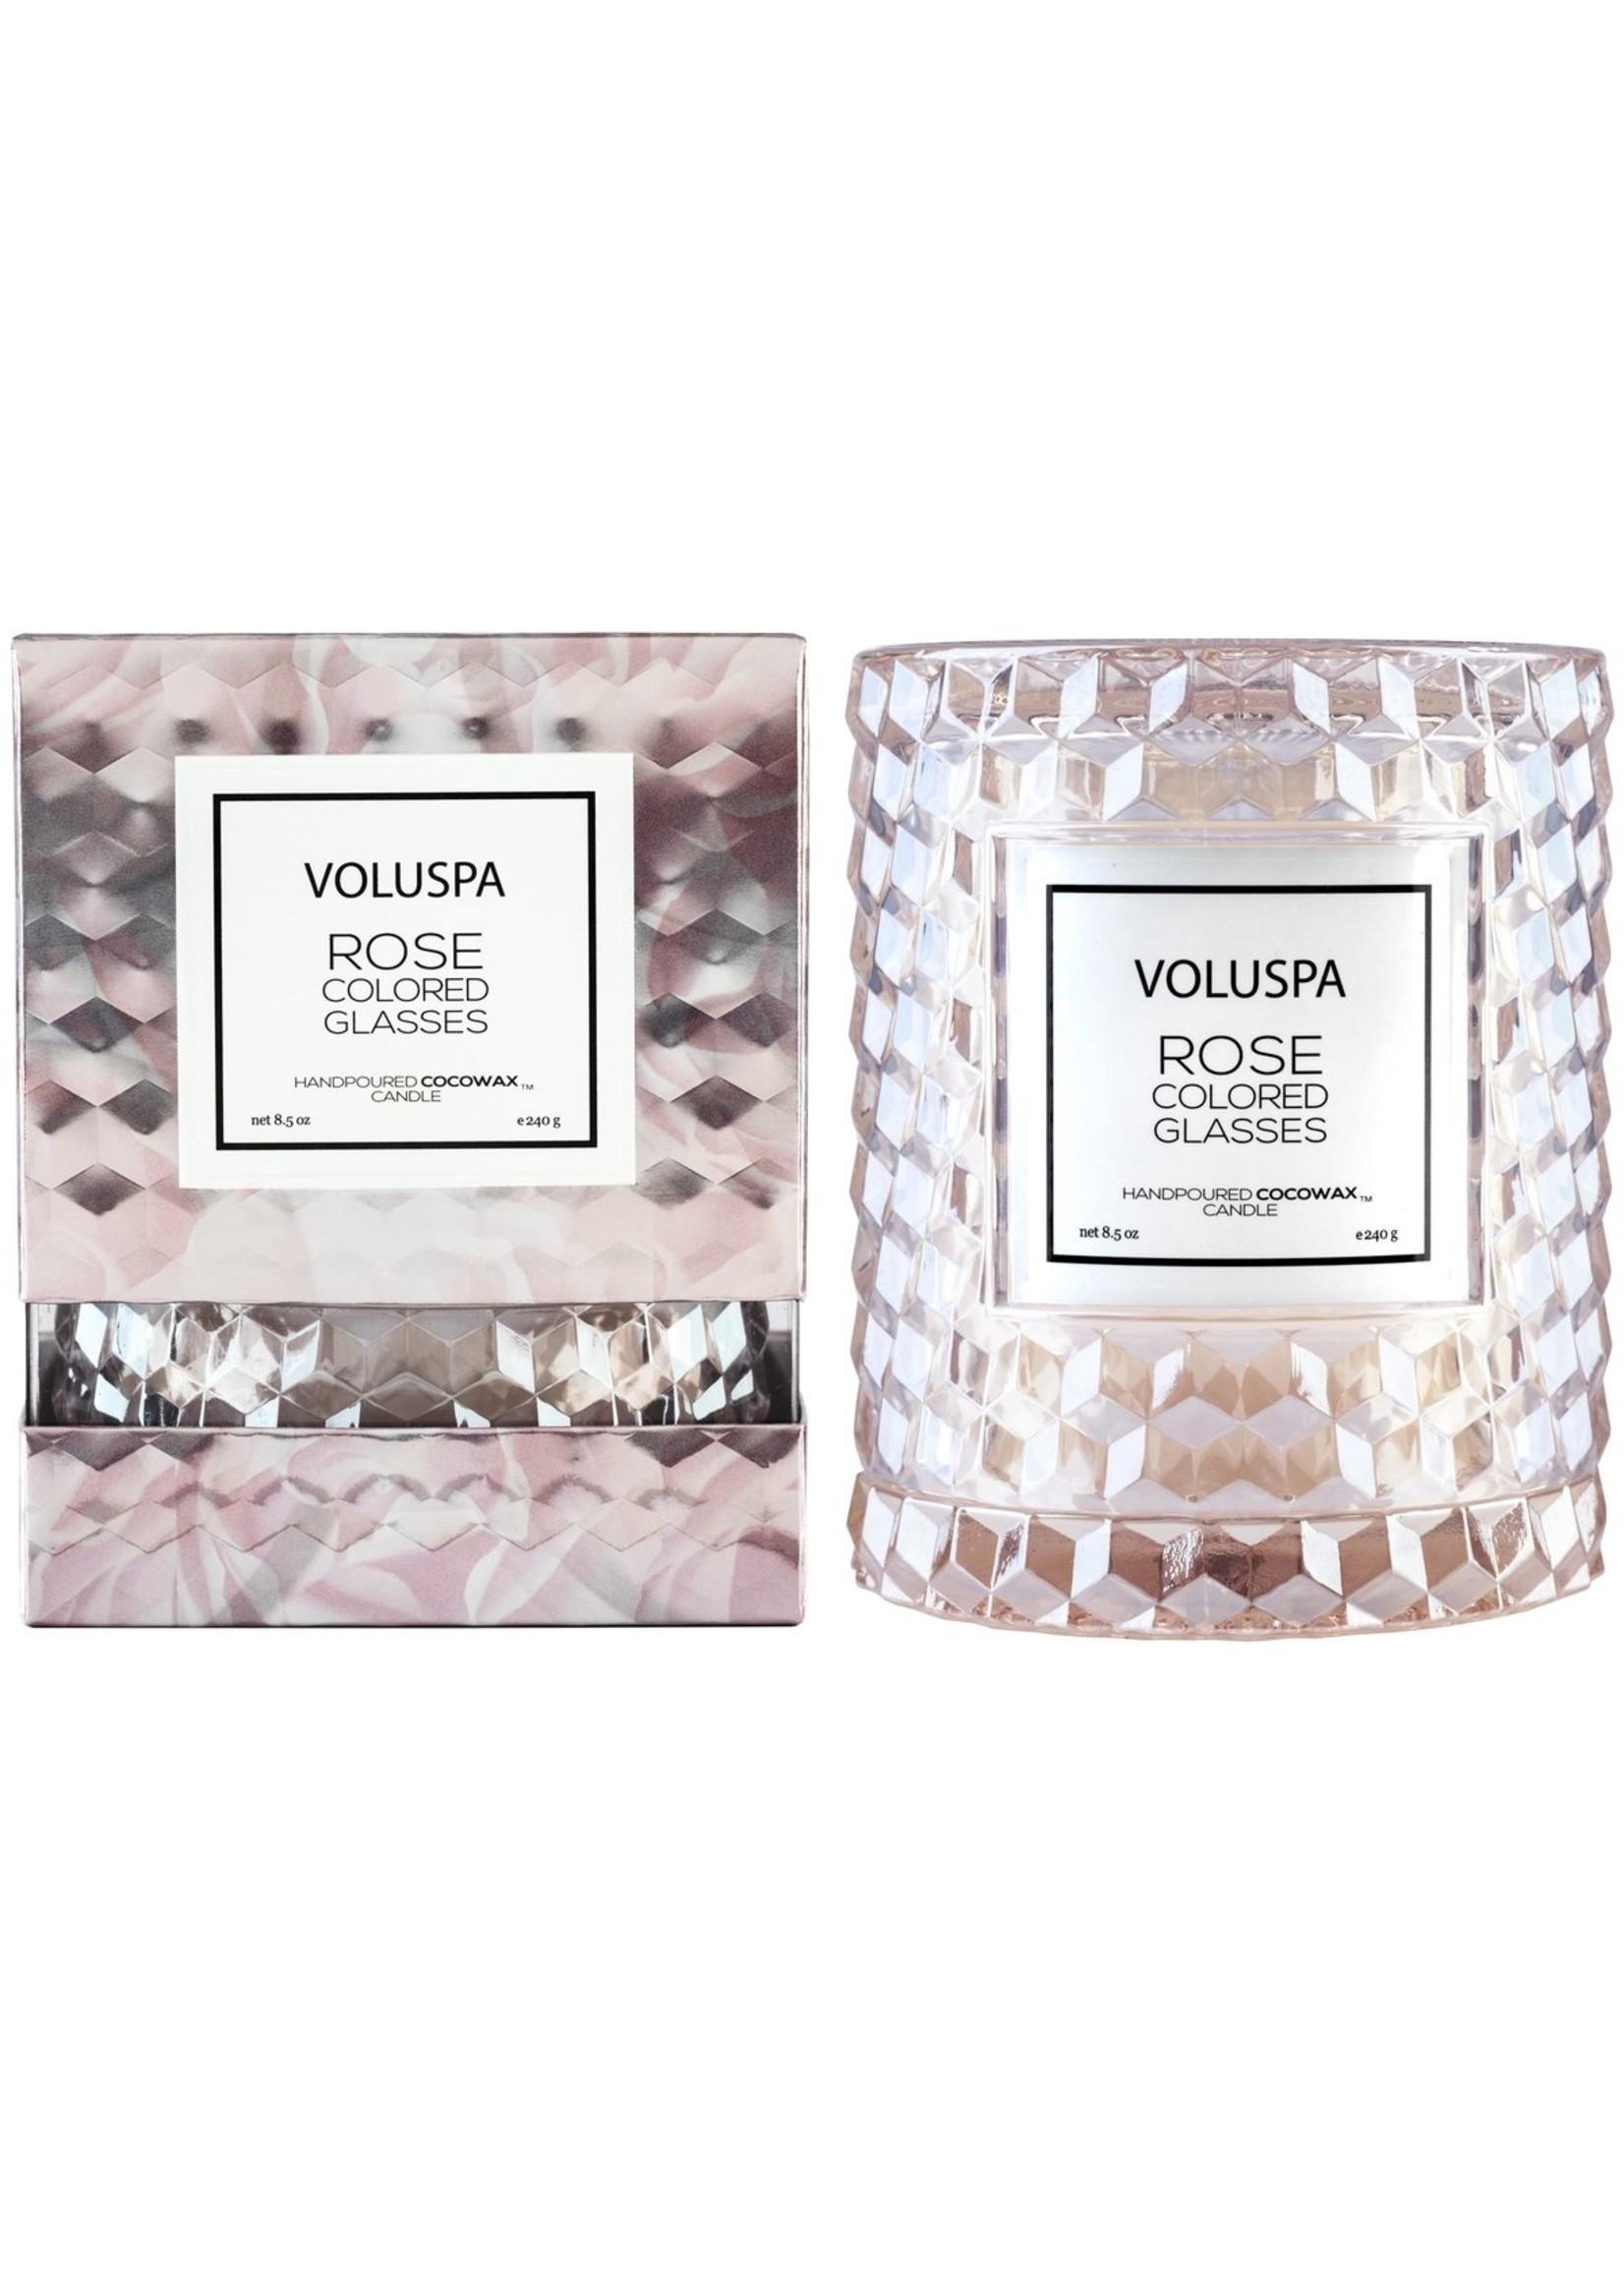 Voluspa Rose Colored Glasses Cloche Candle